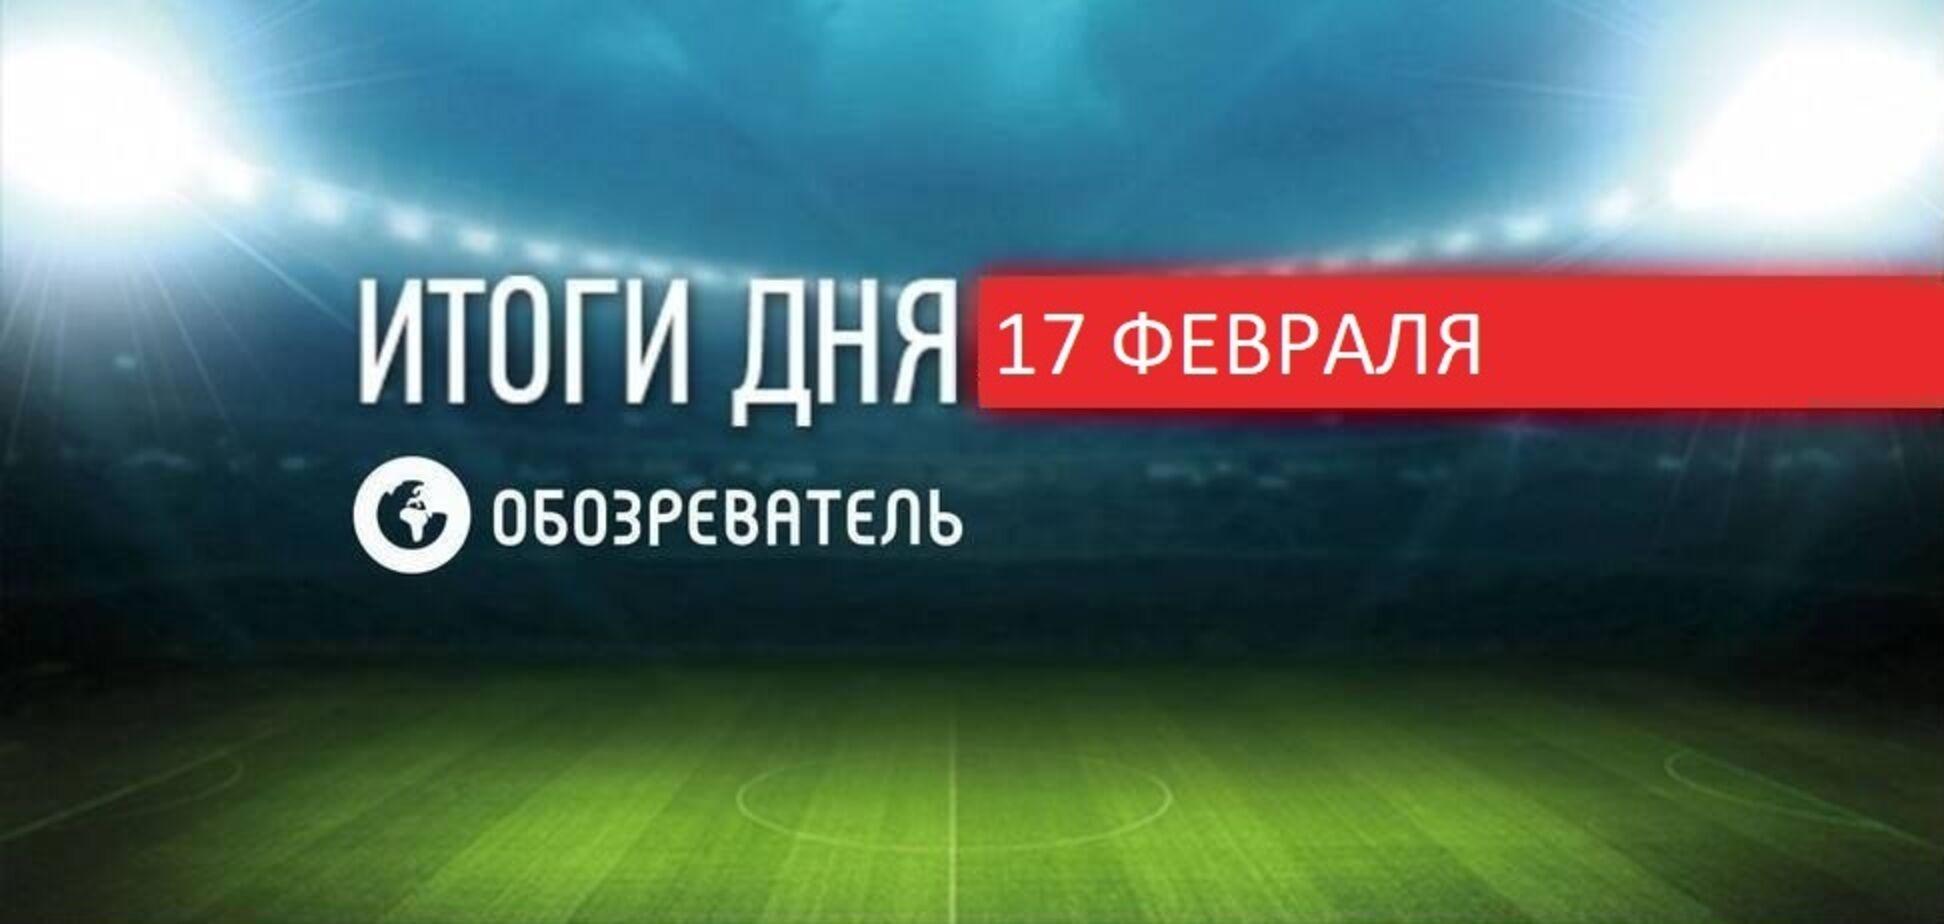 Суркис высказался в поддержку 'Шахтера': спортивные итоги 17 февраля